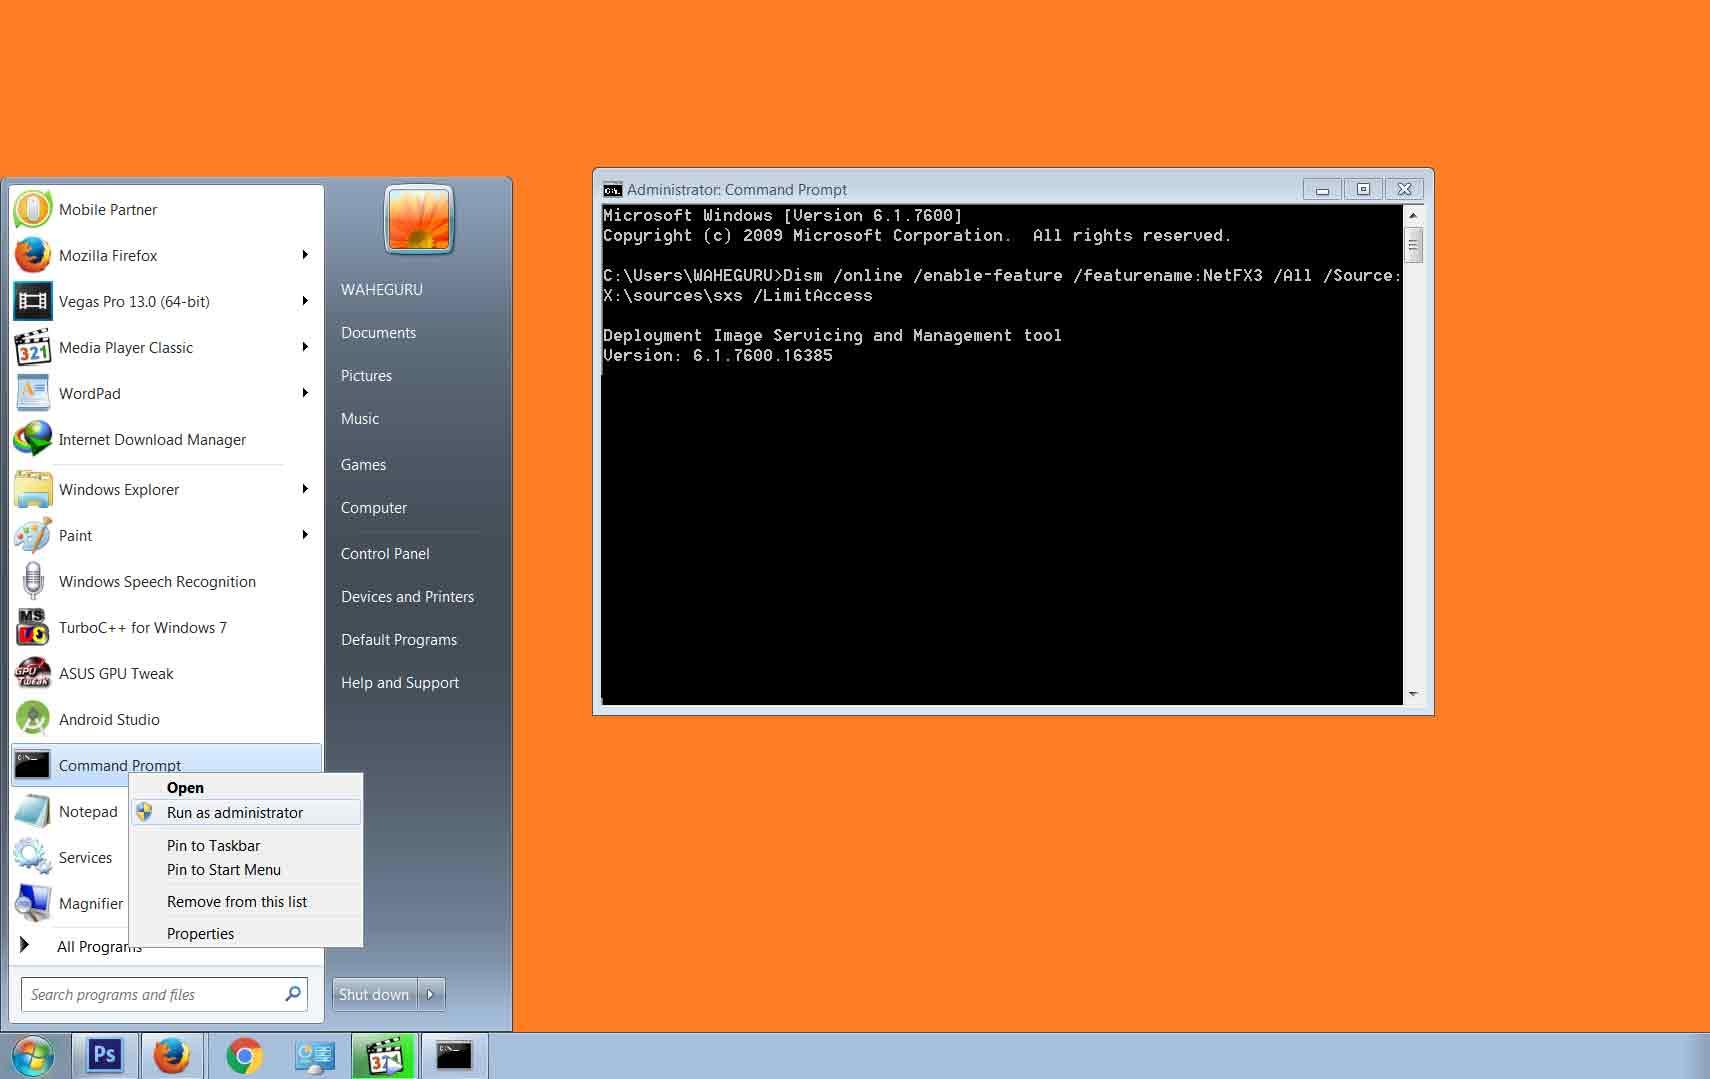 install net framework 3.5 windows 10 offline